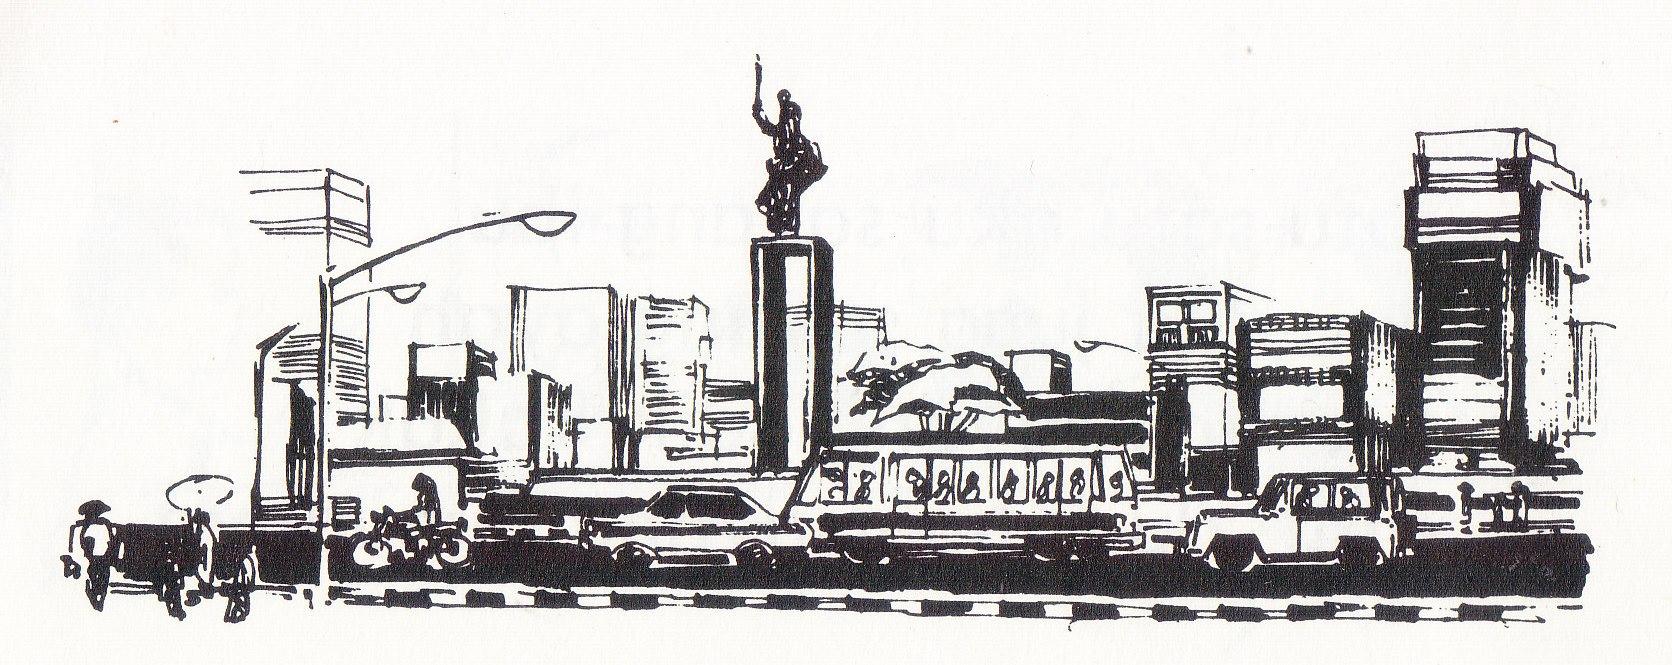 Gambar Sketsa Suasana Kota 28 Images Rumah Abu Han Sketch Traveler In Residence Berburu